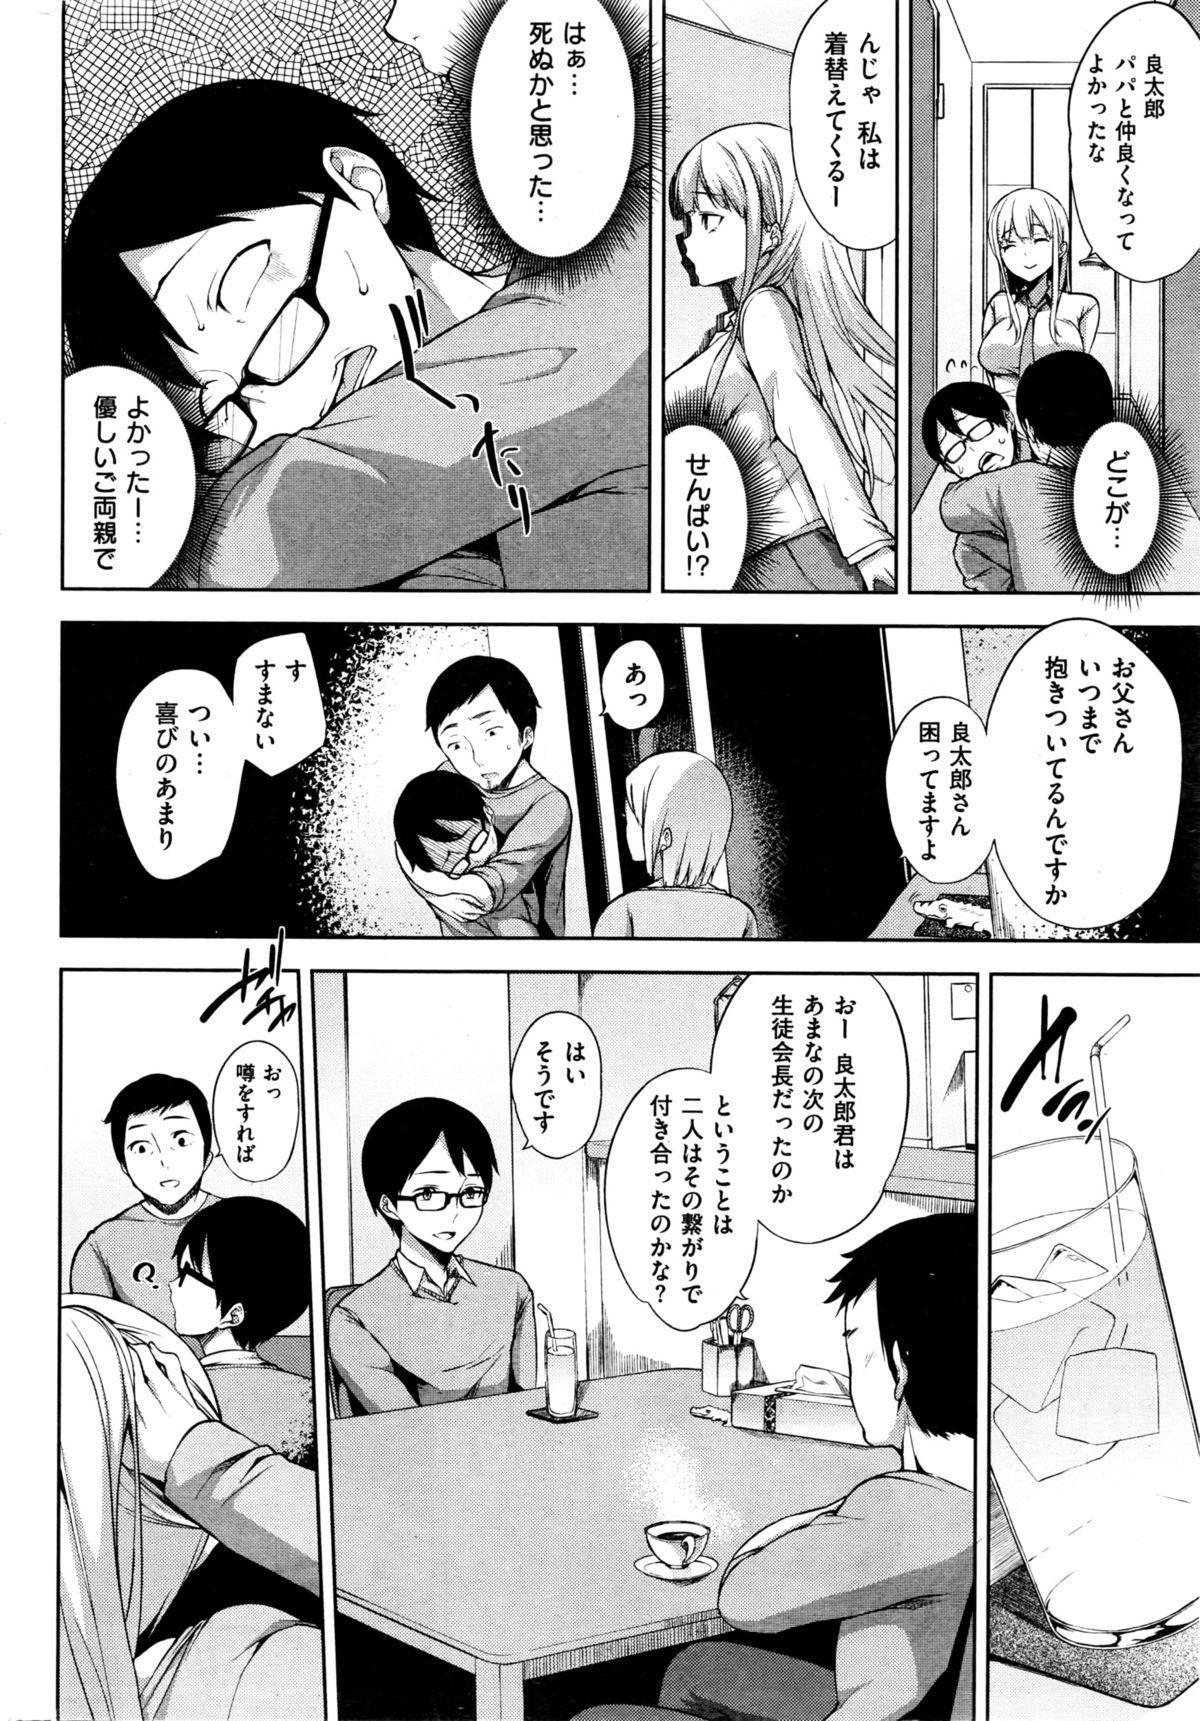 COMIC Kairakuten BEAST 2016-02 288